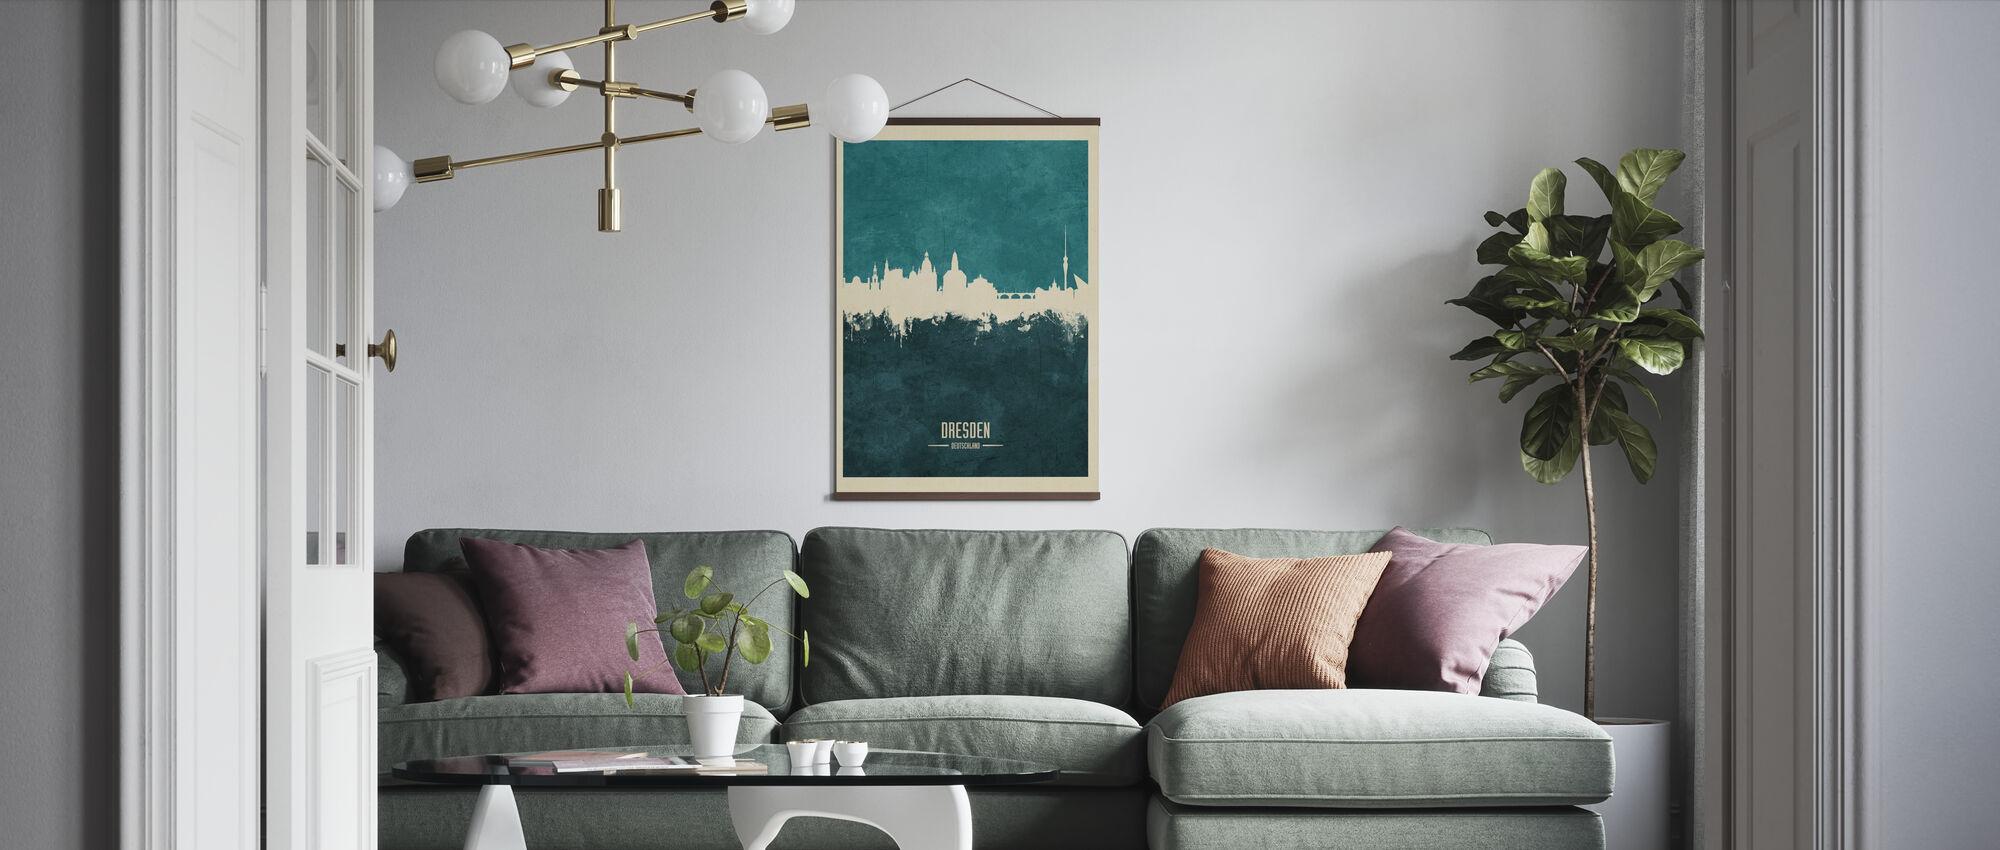 Dresden Deutschland Skyline Blau - Poster - Wohnzimmer